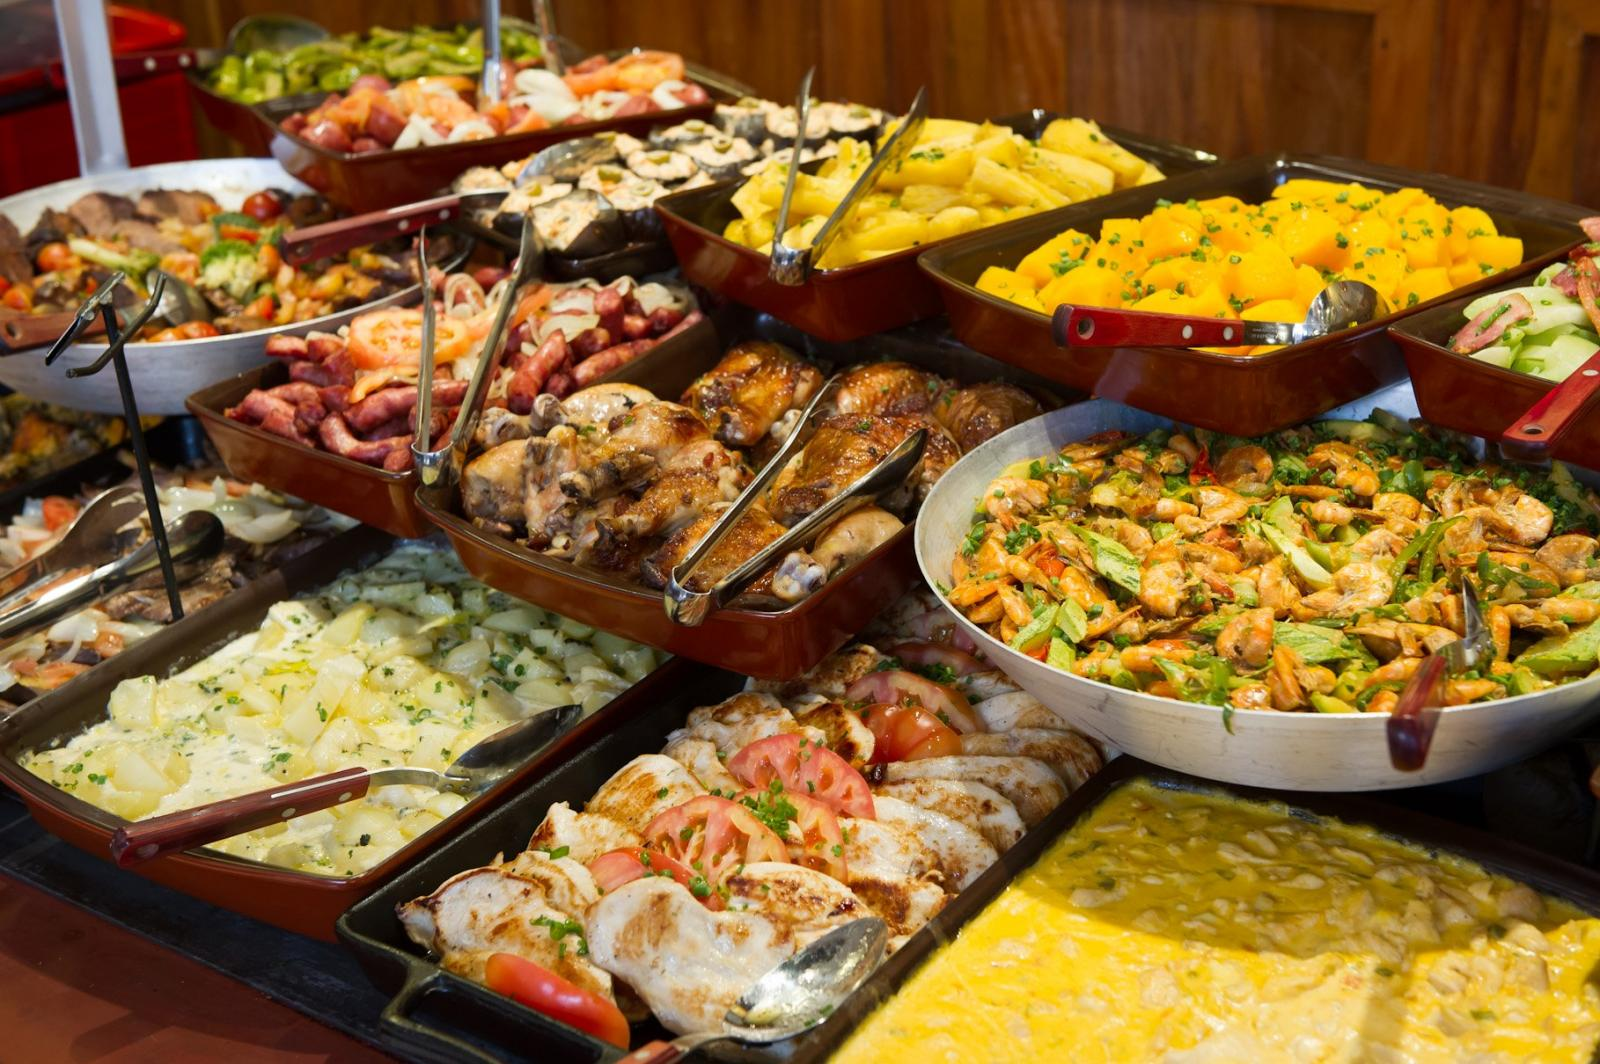 Restaurantes serão obrigados a informar valor calórico das refeições 42